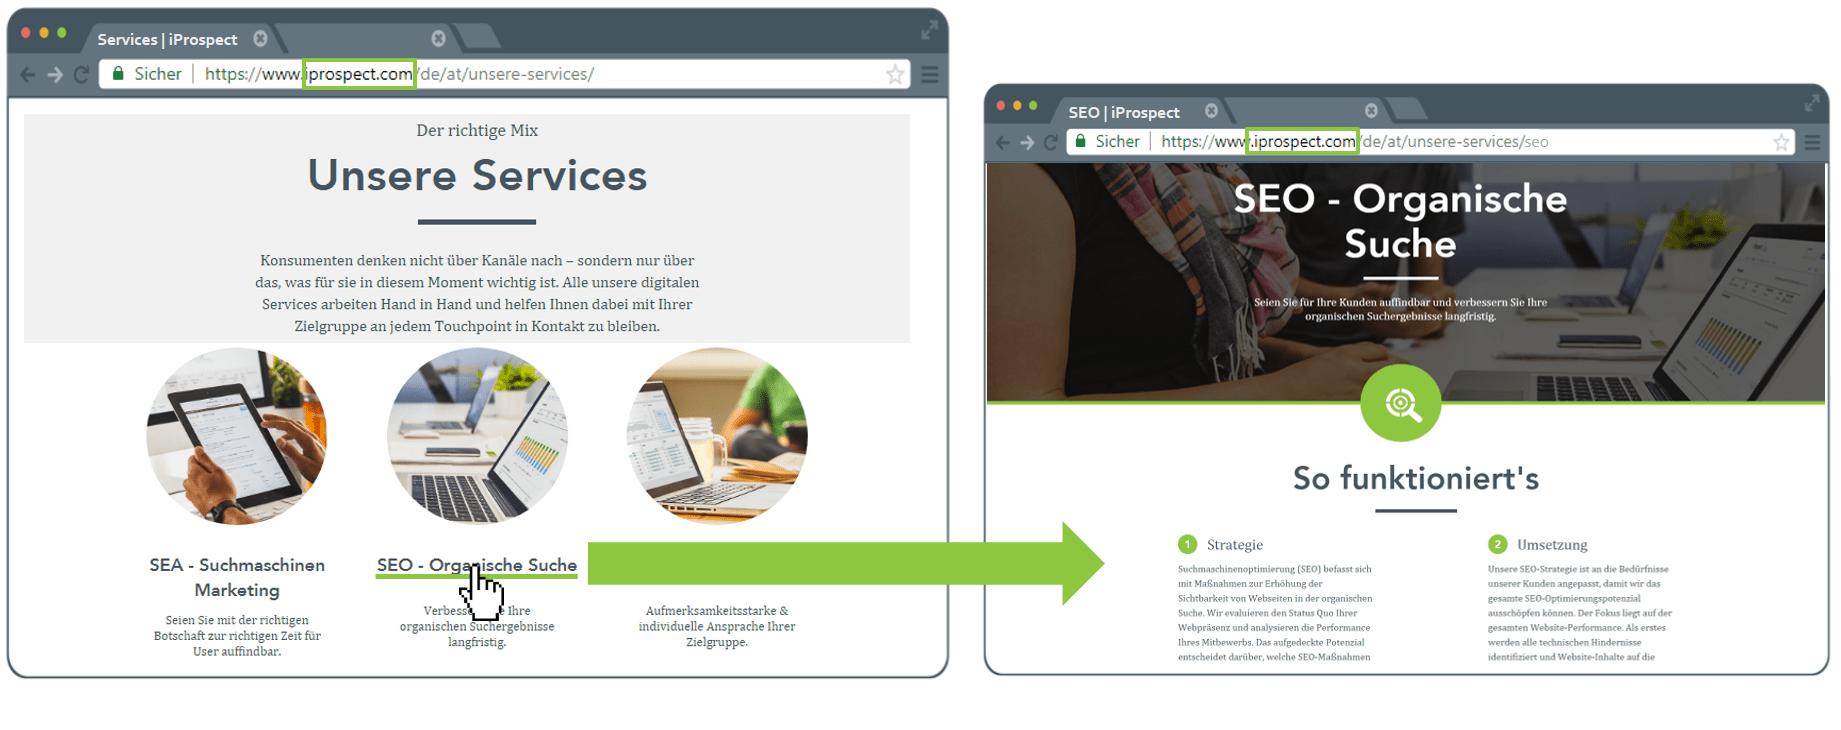 Interne Links, die im Rahmen einer Domain zur einer anderen Landingpage der Domain führen.